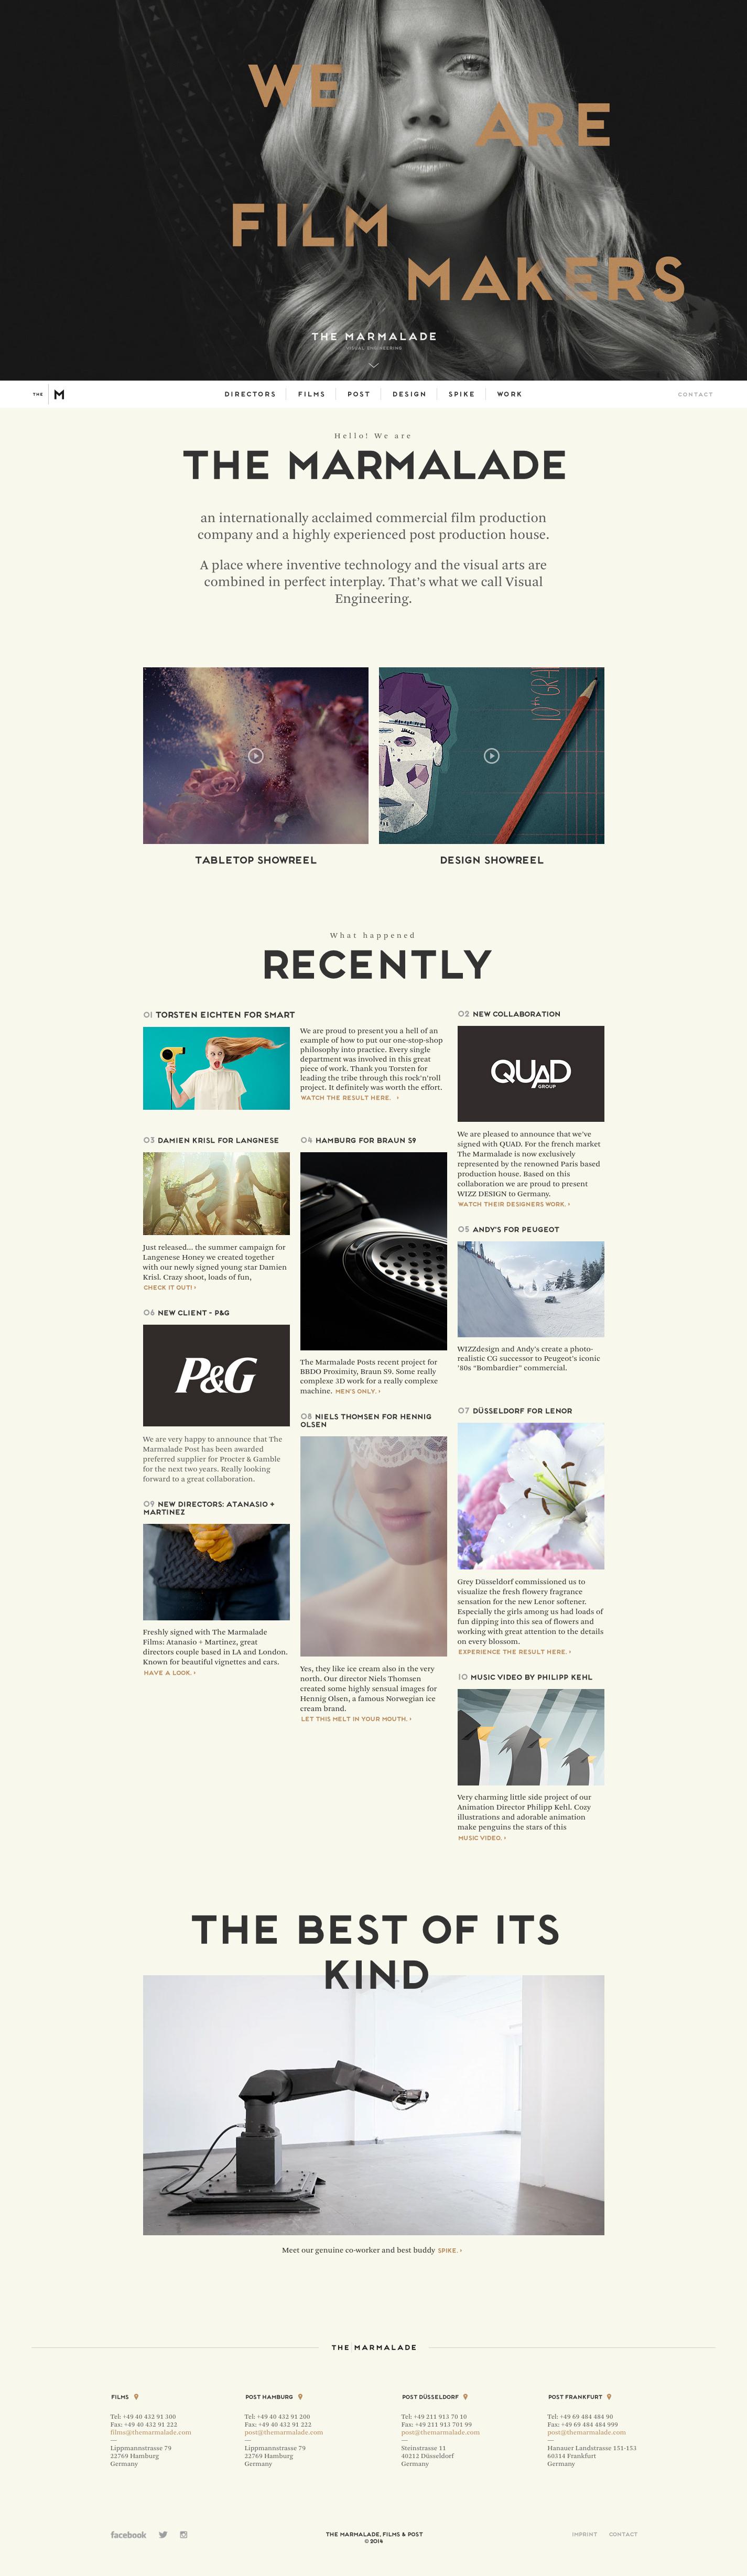 Unique Web Design The Marmalade Via Cvongsak Web Design Minimalist Unique Web Design Web Design Inspiration Digital Design